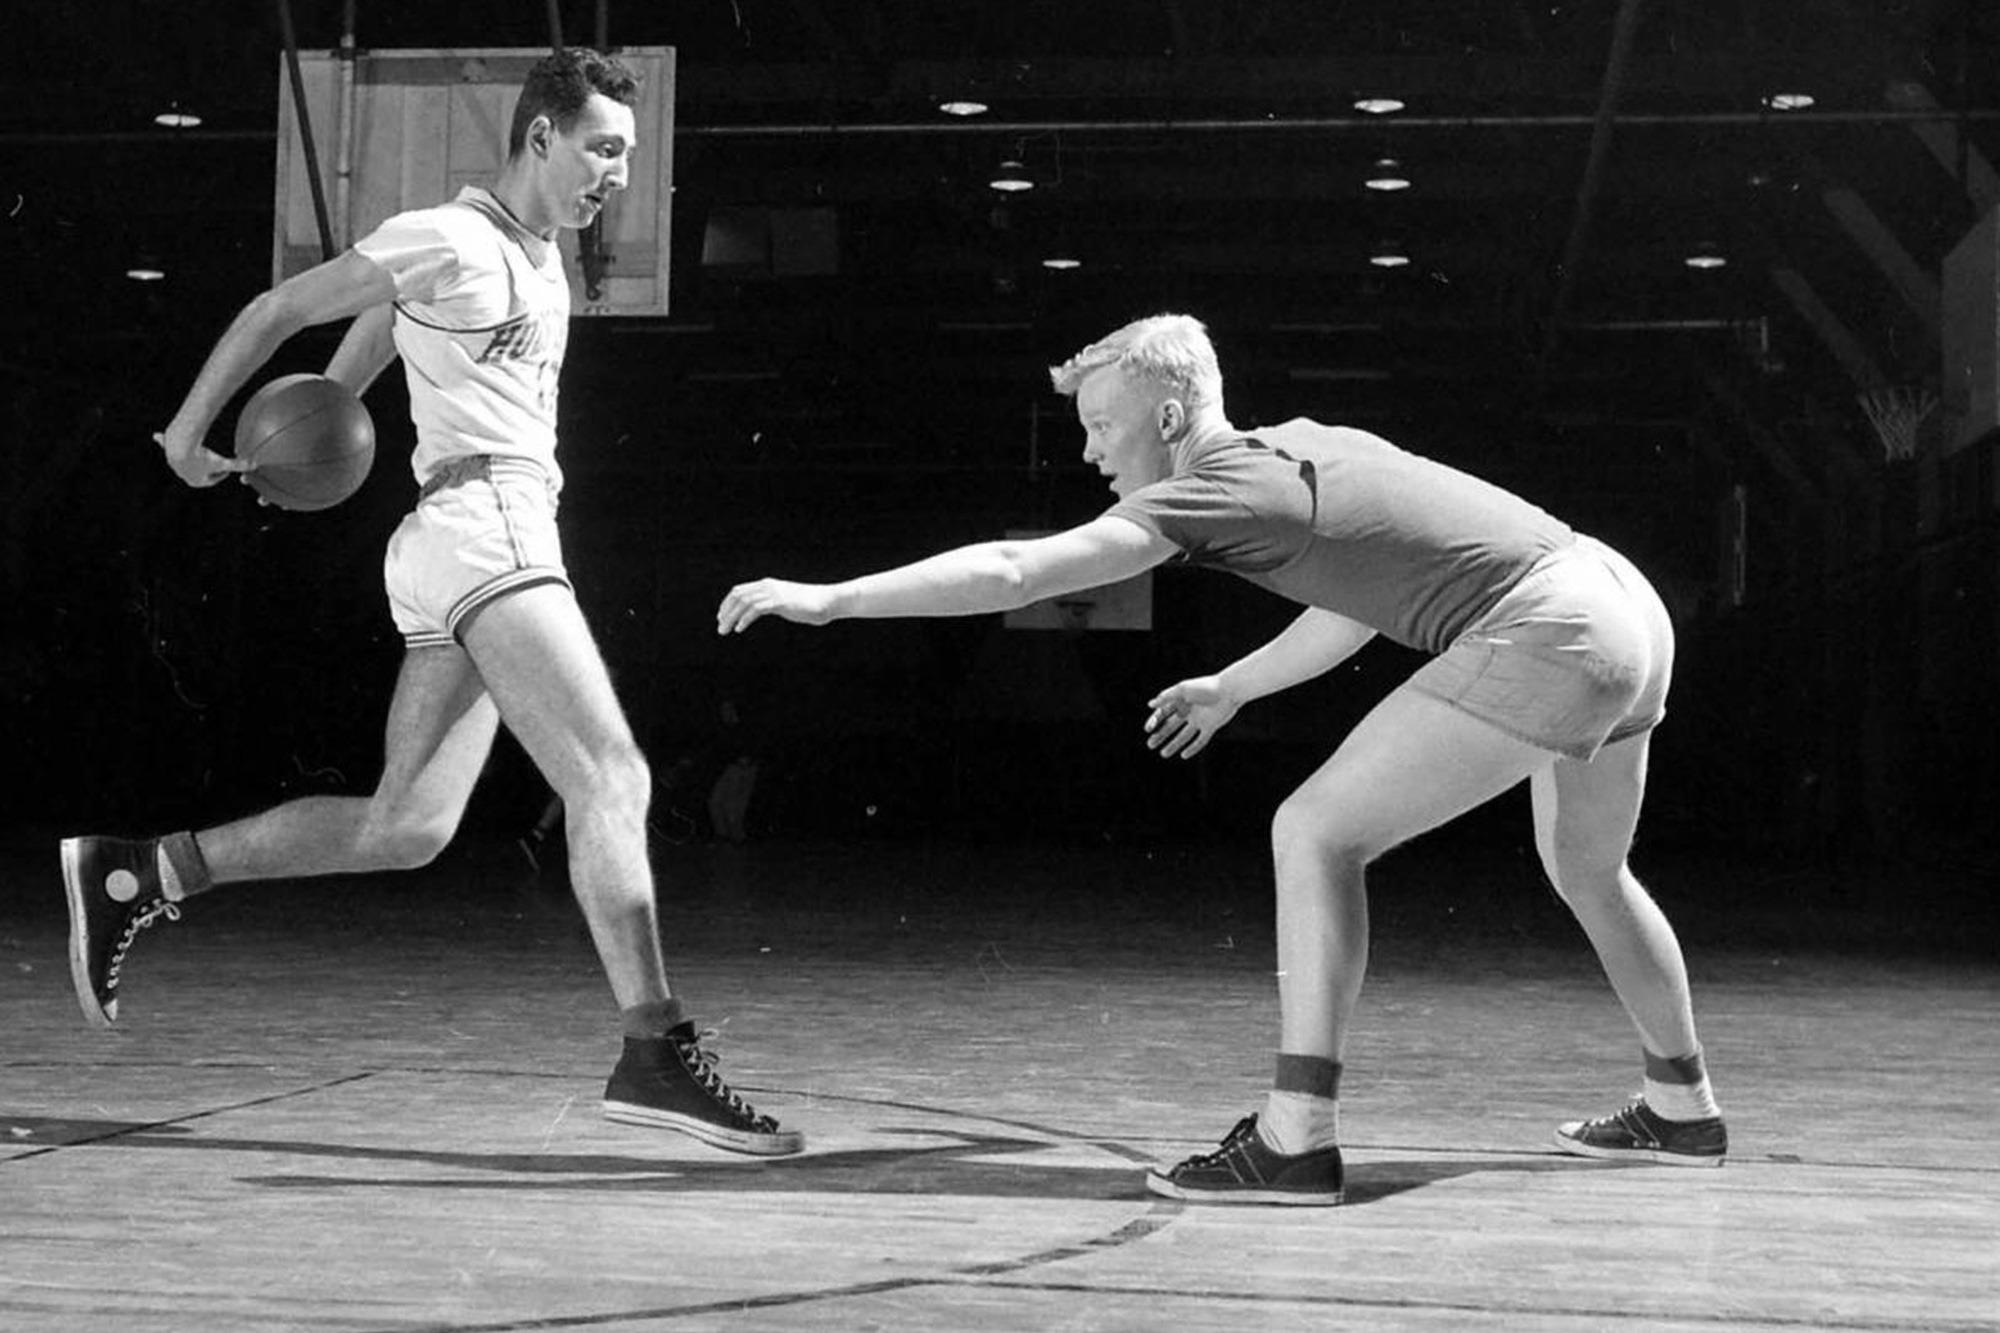 Converse et le monde du basketball